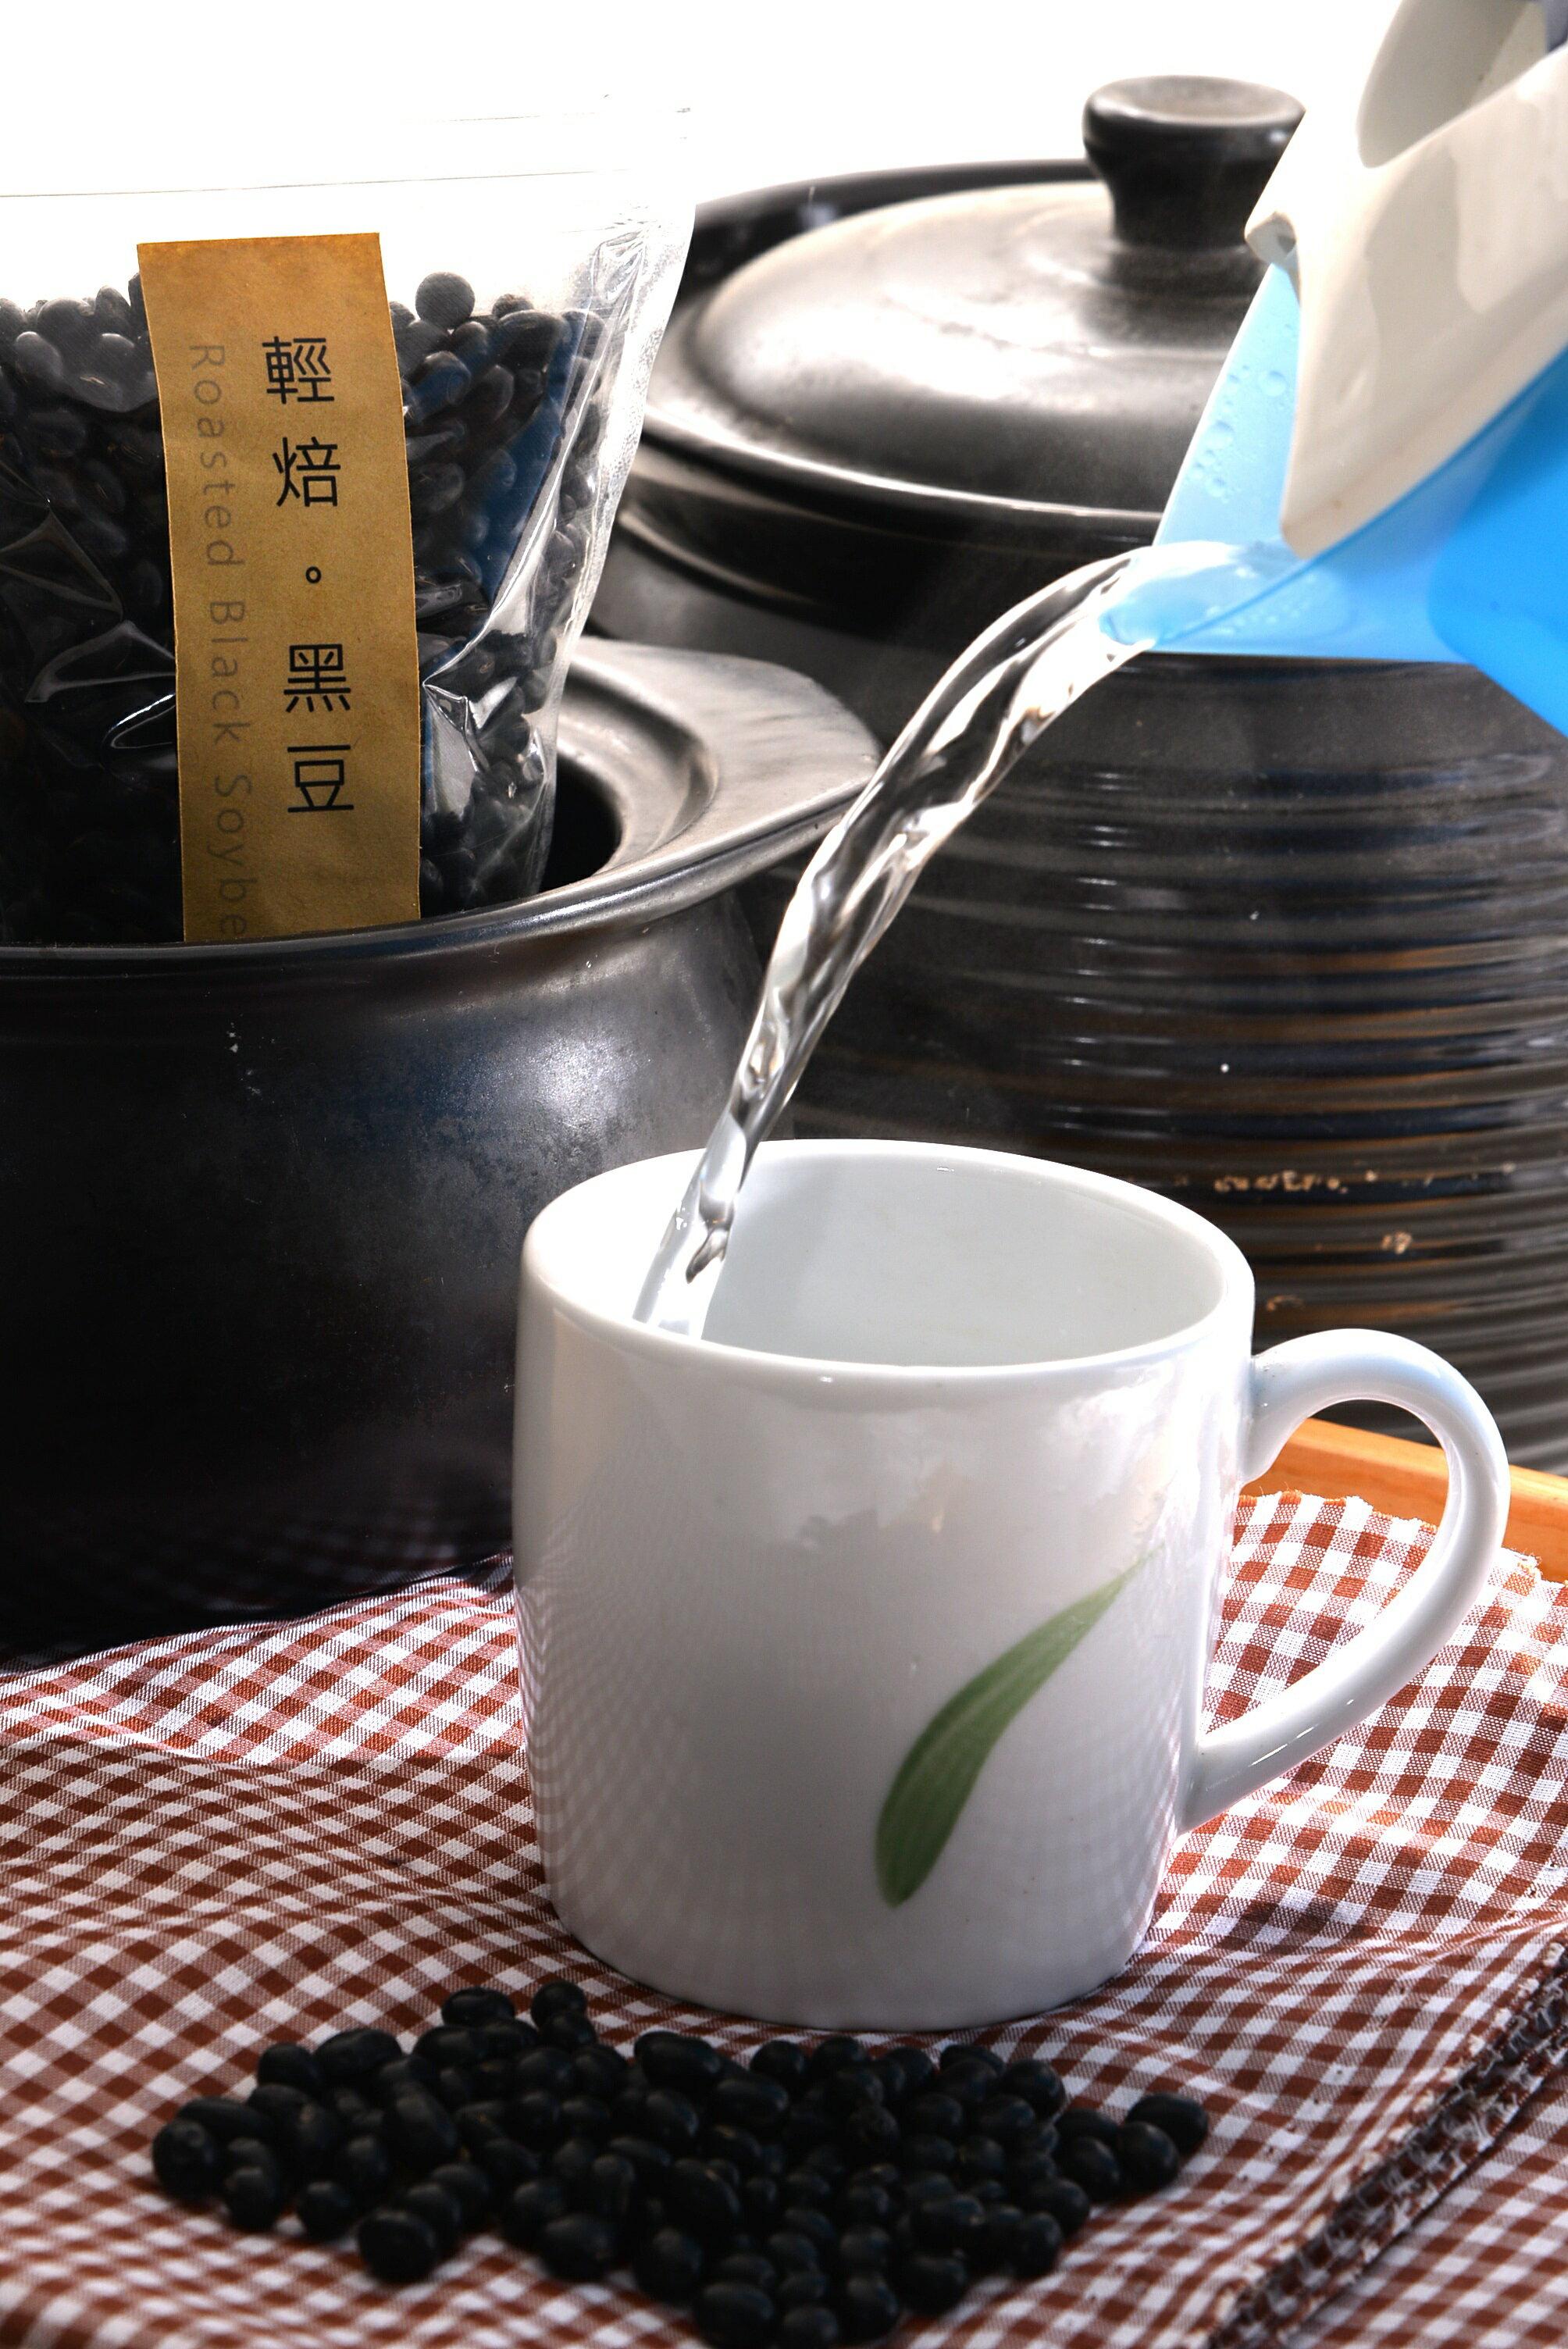 輕培堅果系列-黑豆(黑豆茶)